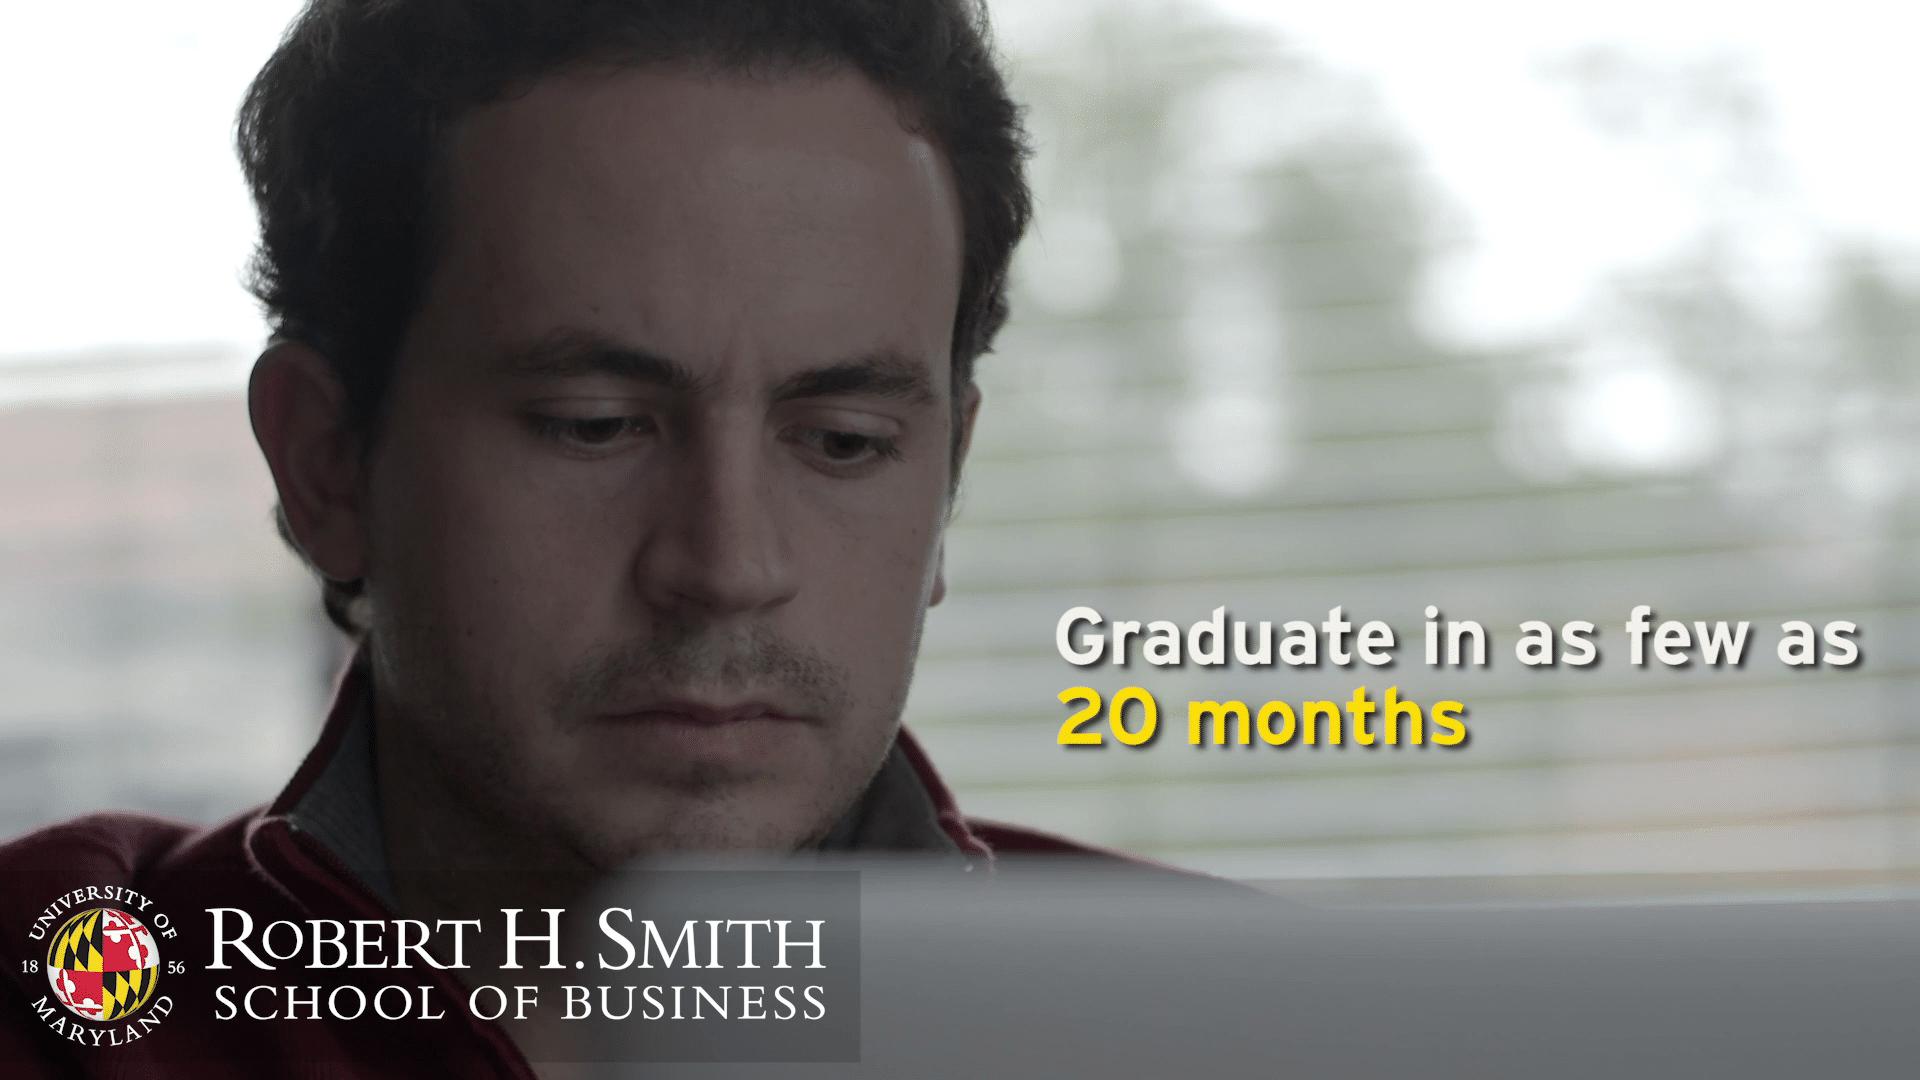 UMD: Robert H Smith School of Business Promo #1